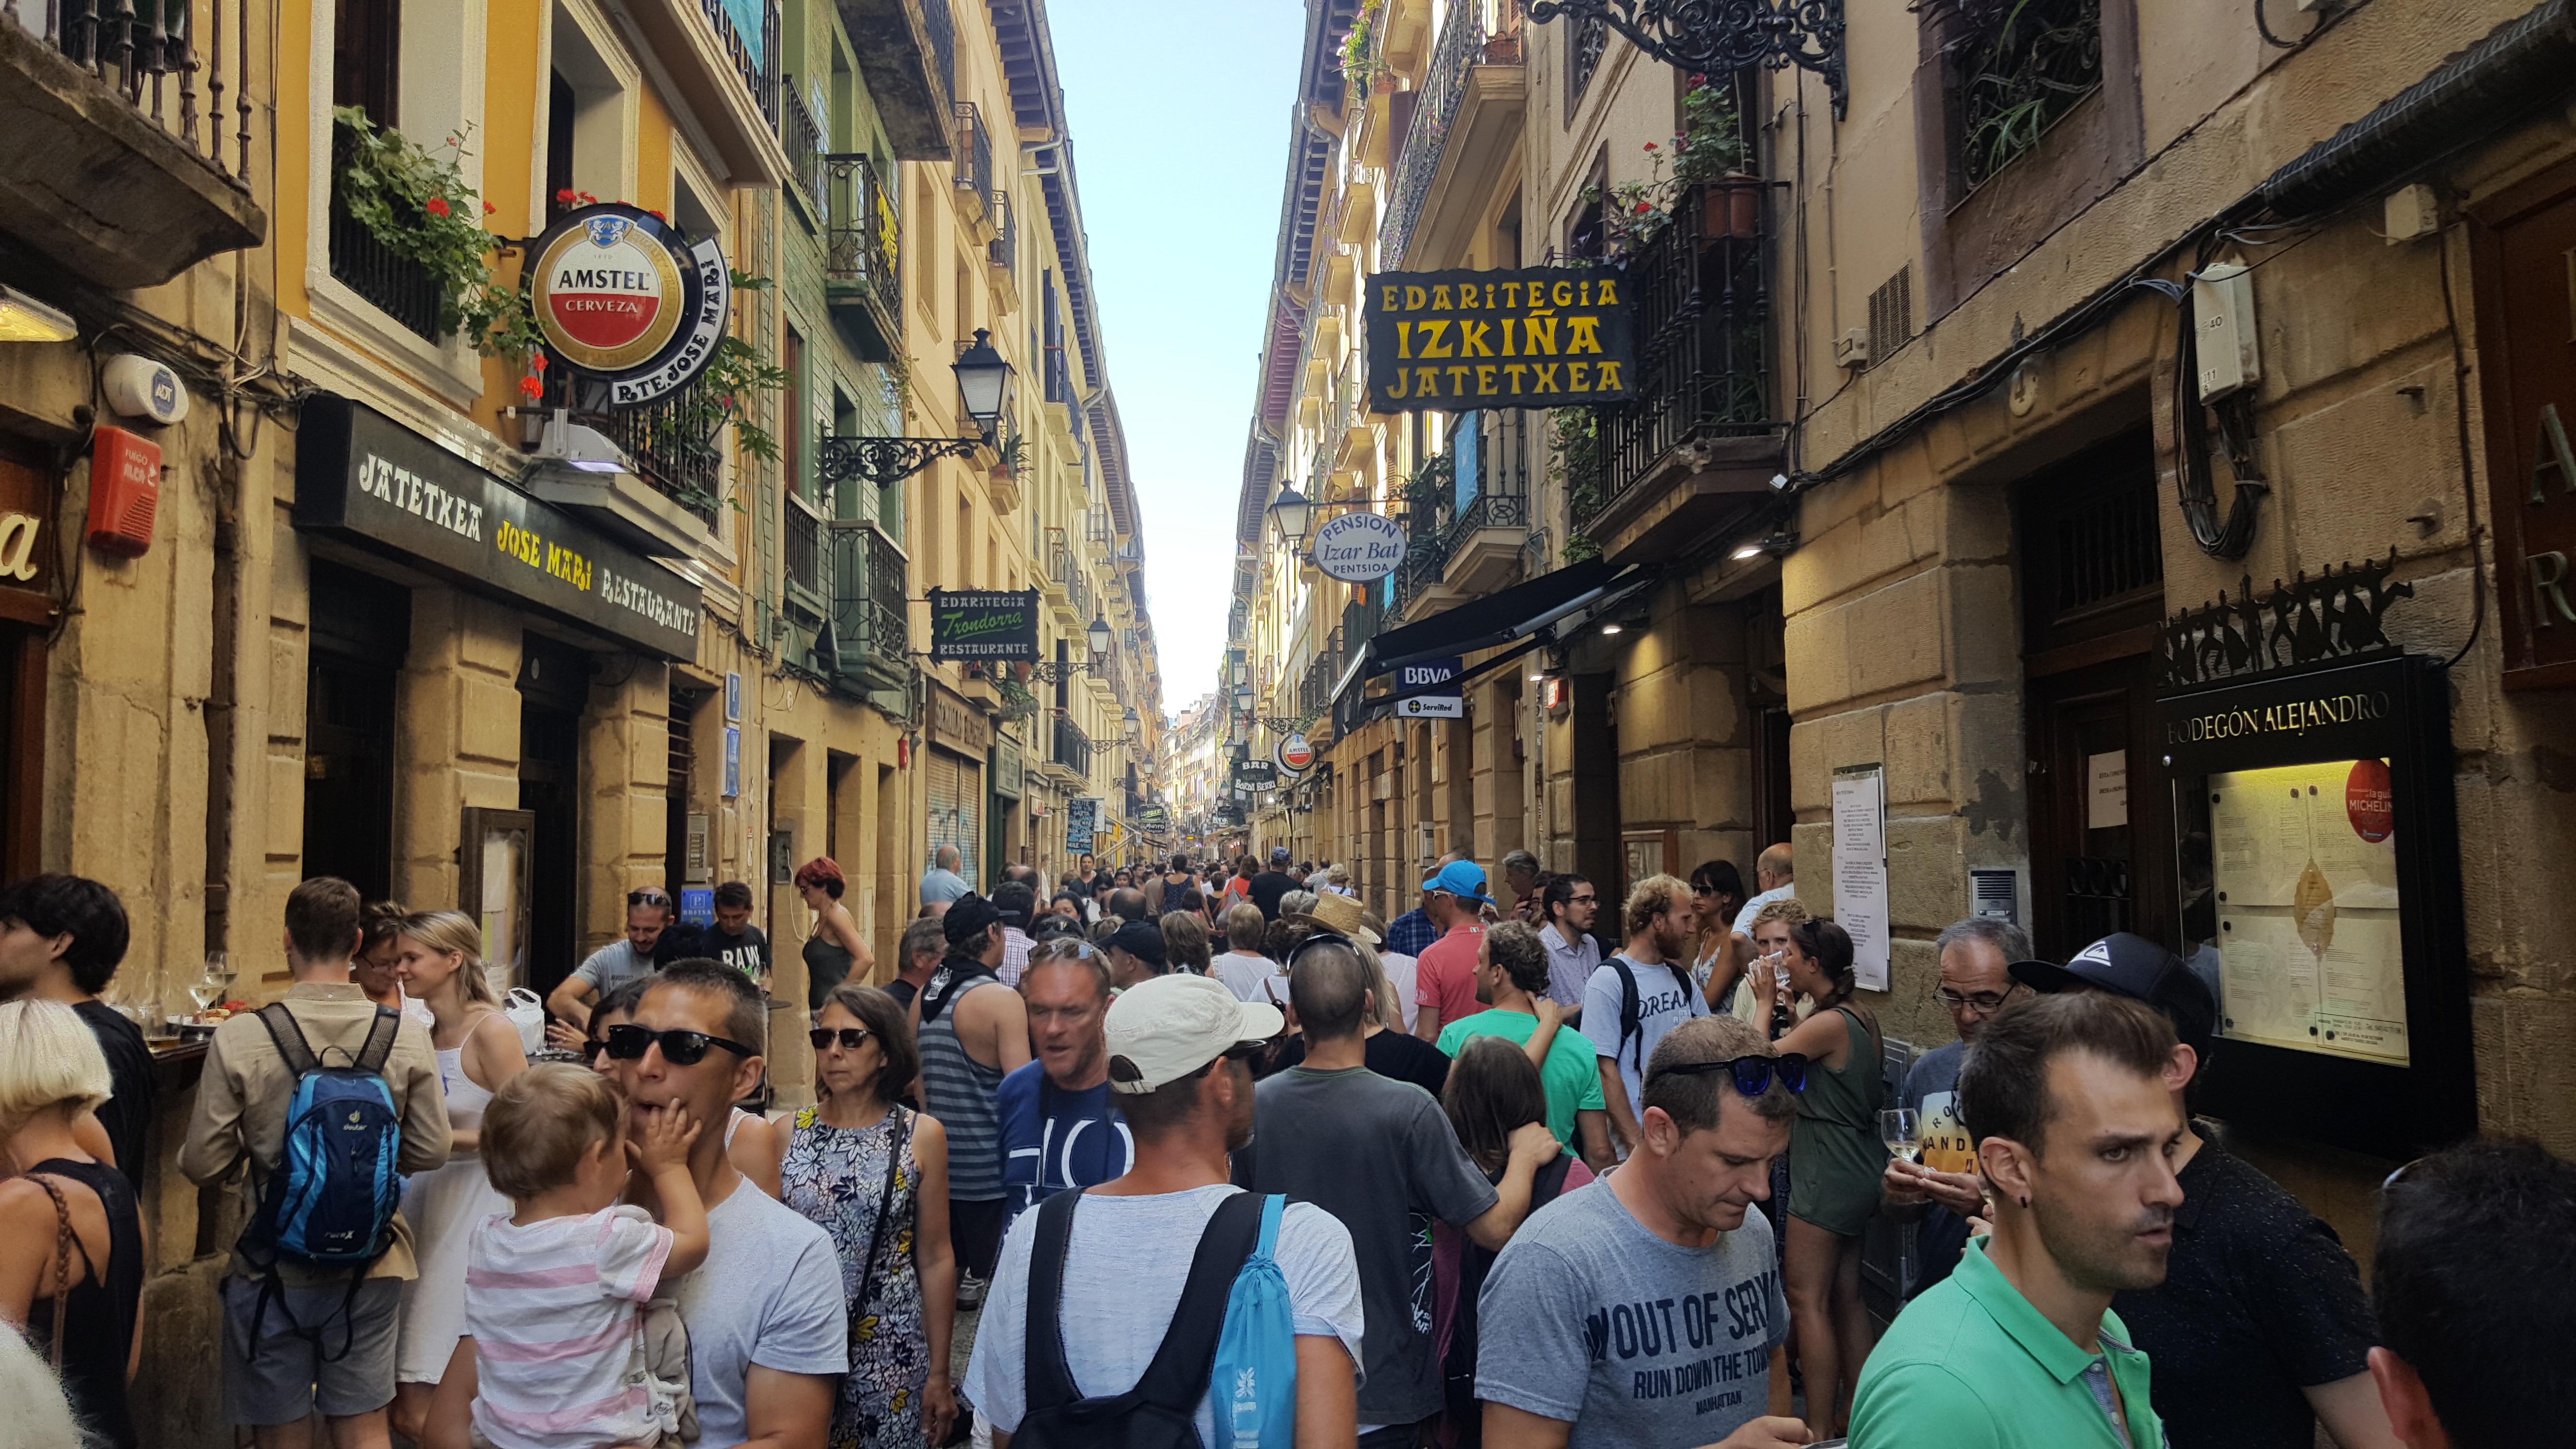 Verão em San Sebastián: o centro antigo, onde se concentram os bares de pintxos, a todo vapor